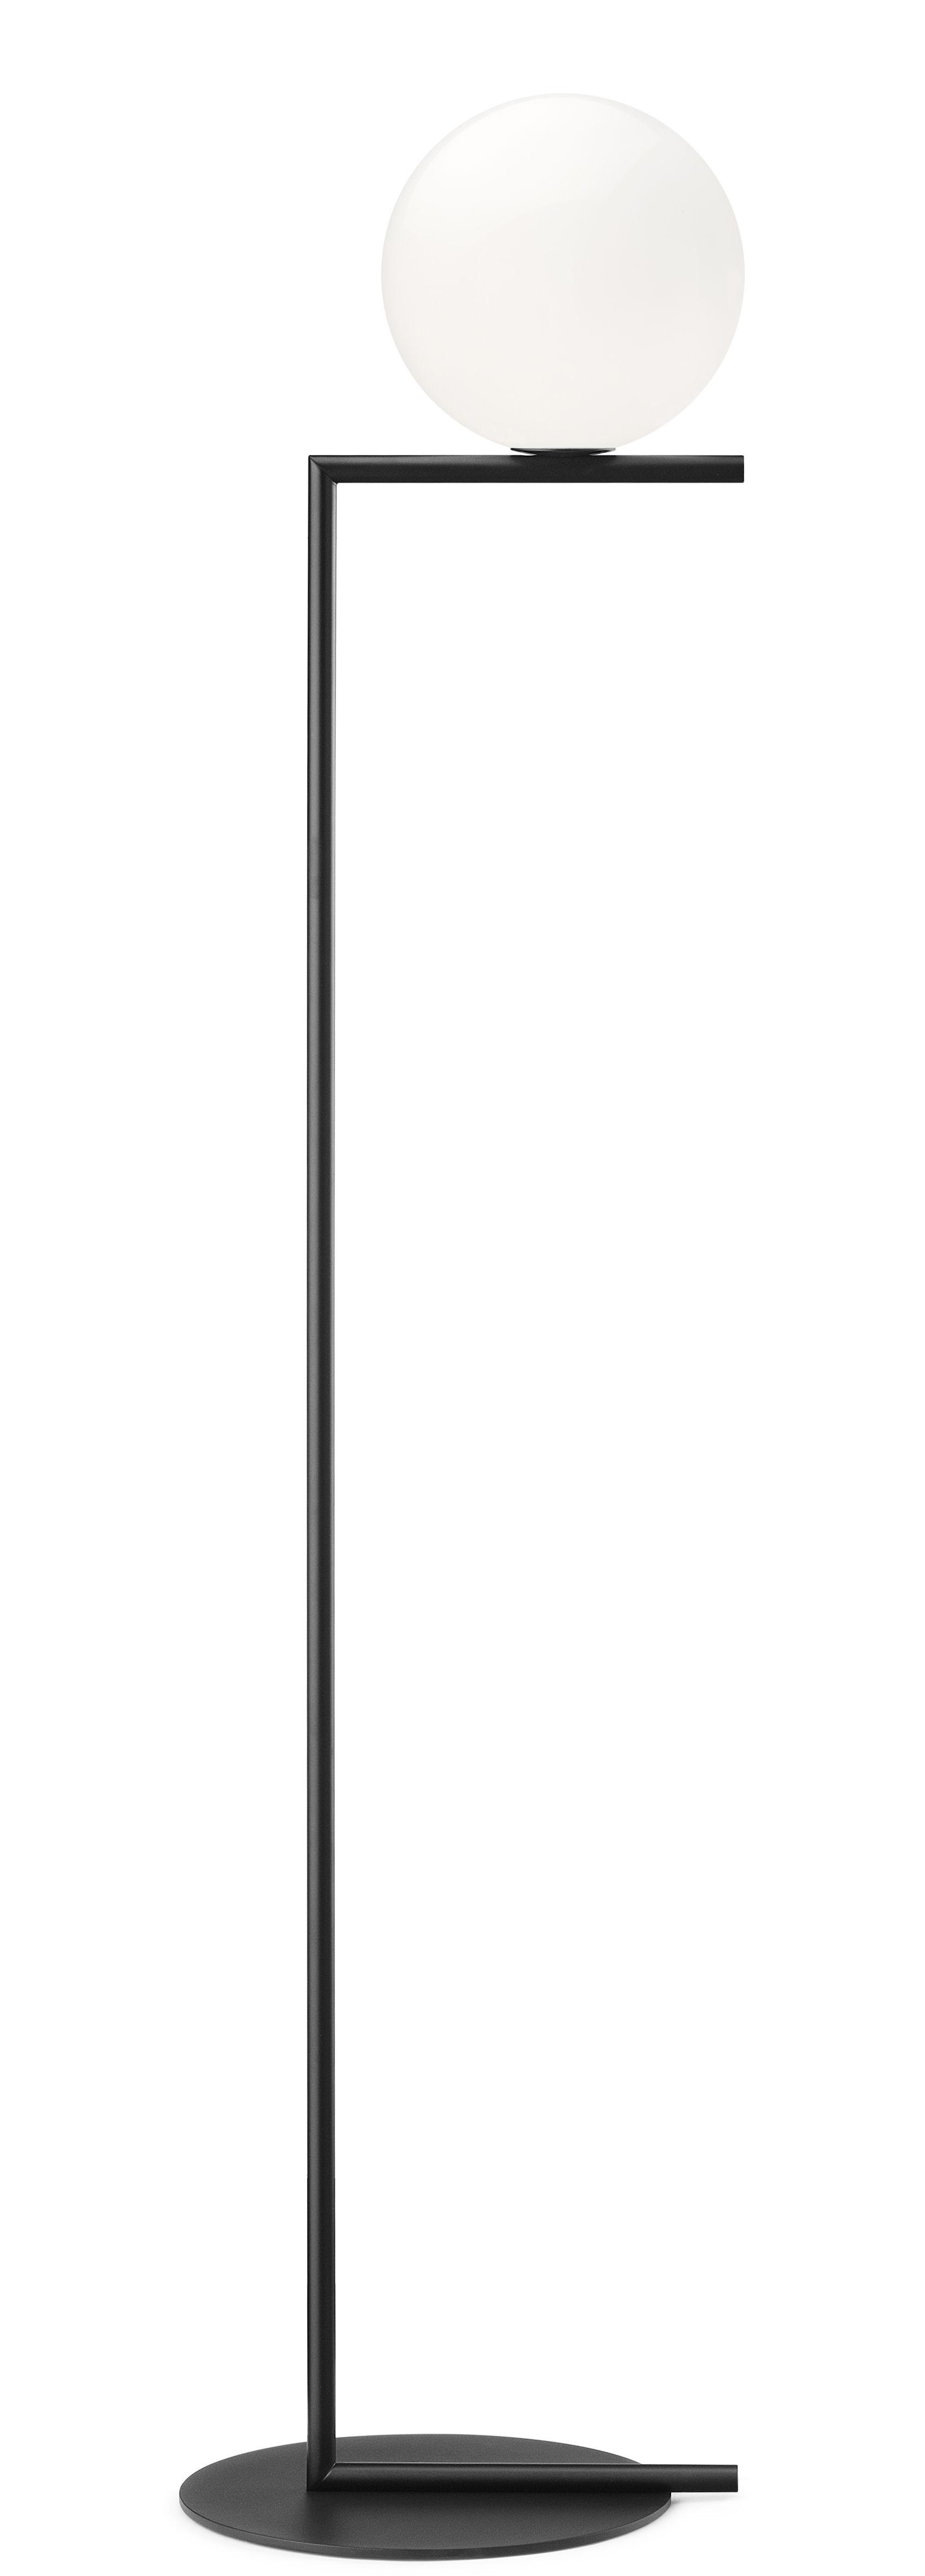 Lighting - Floor lamps - IC F1 Floor lamp - / H 135 cm by Flos - Black - Blown glass, Varnished steel